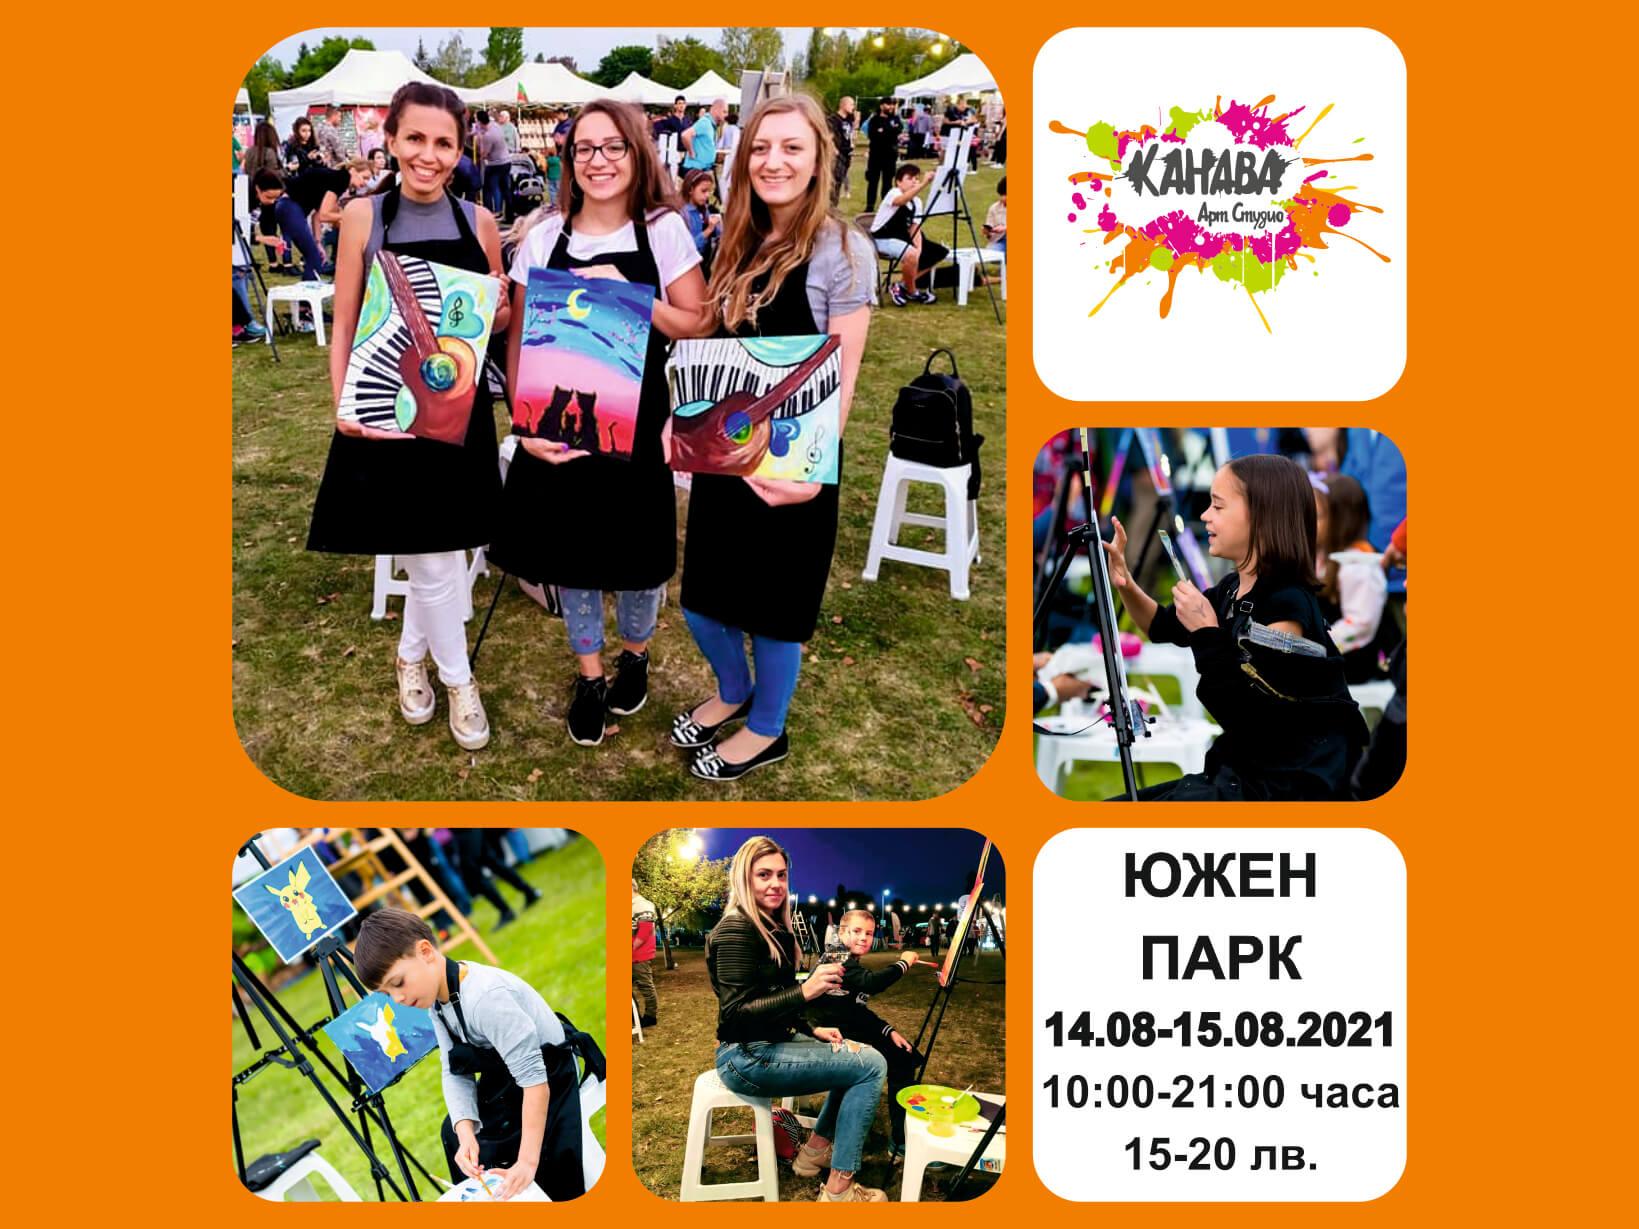 Избягай от градската скука! Рисуваме в Южен Парк 14.08-15.08.2021!